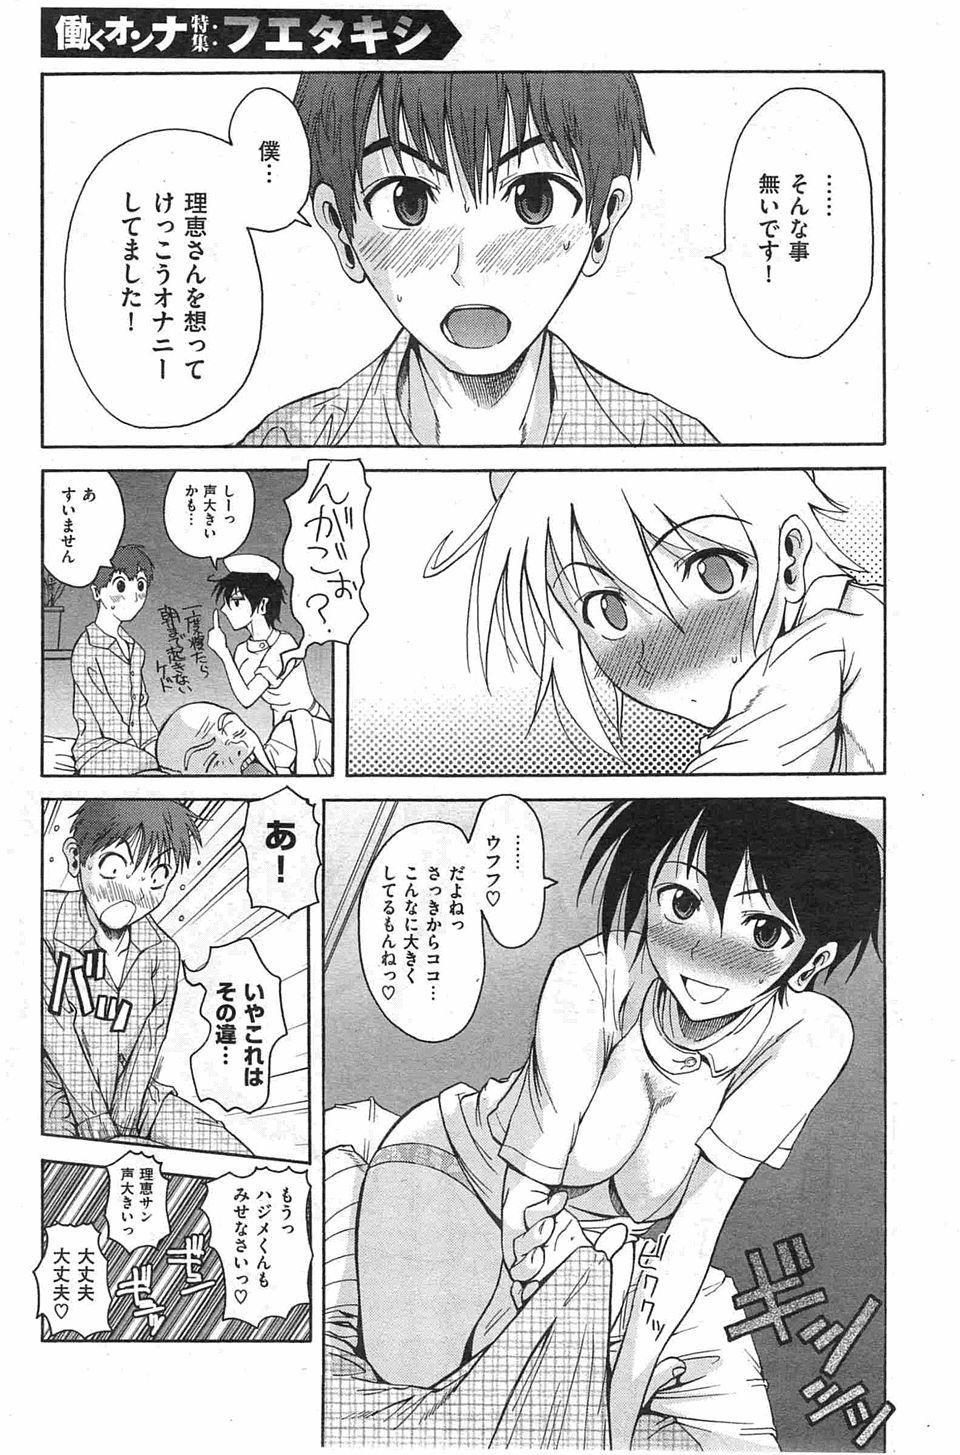 【エロ漫画・エロ同人】巨乳ナースが夜中に患者のお爺ちゃんにまたがってオナニーしてるwww (13)